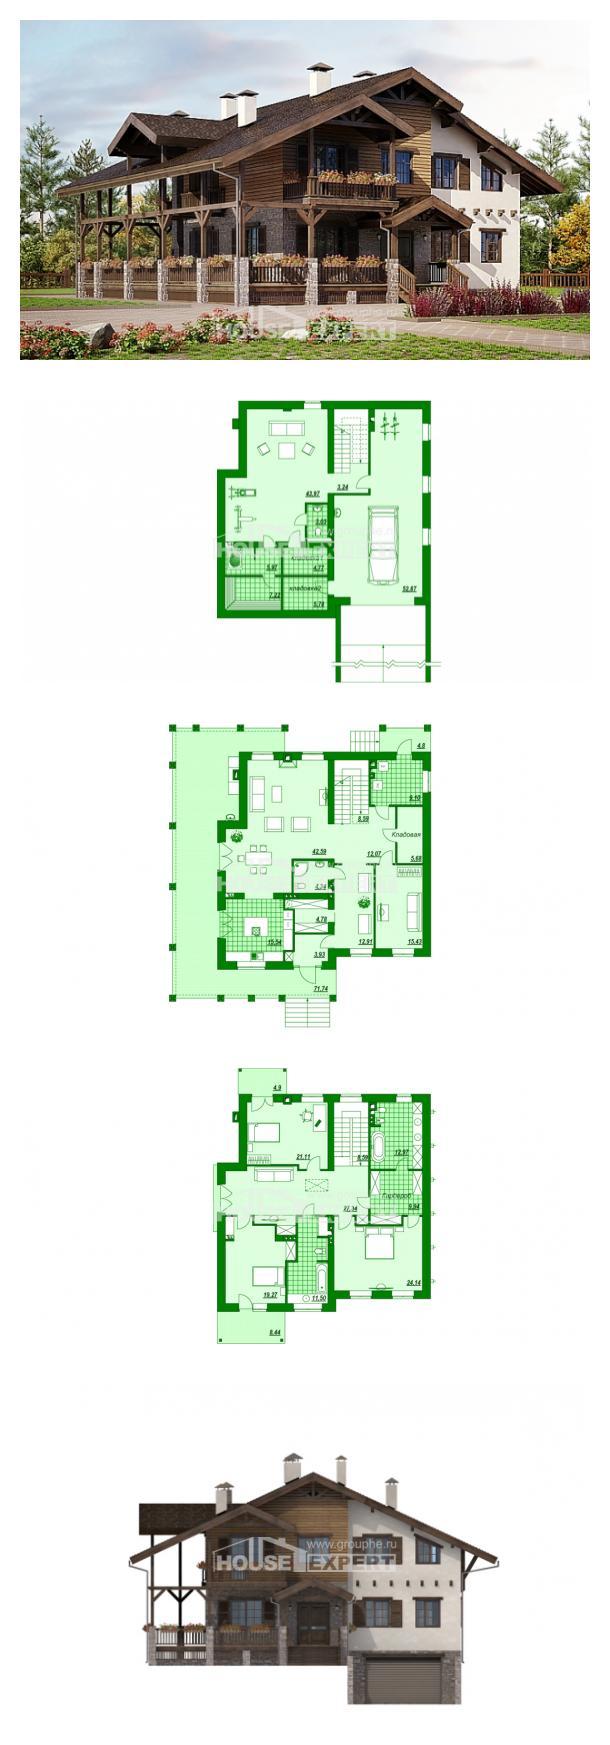 Plan 400-004-R   House Expert